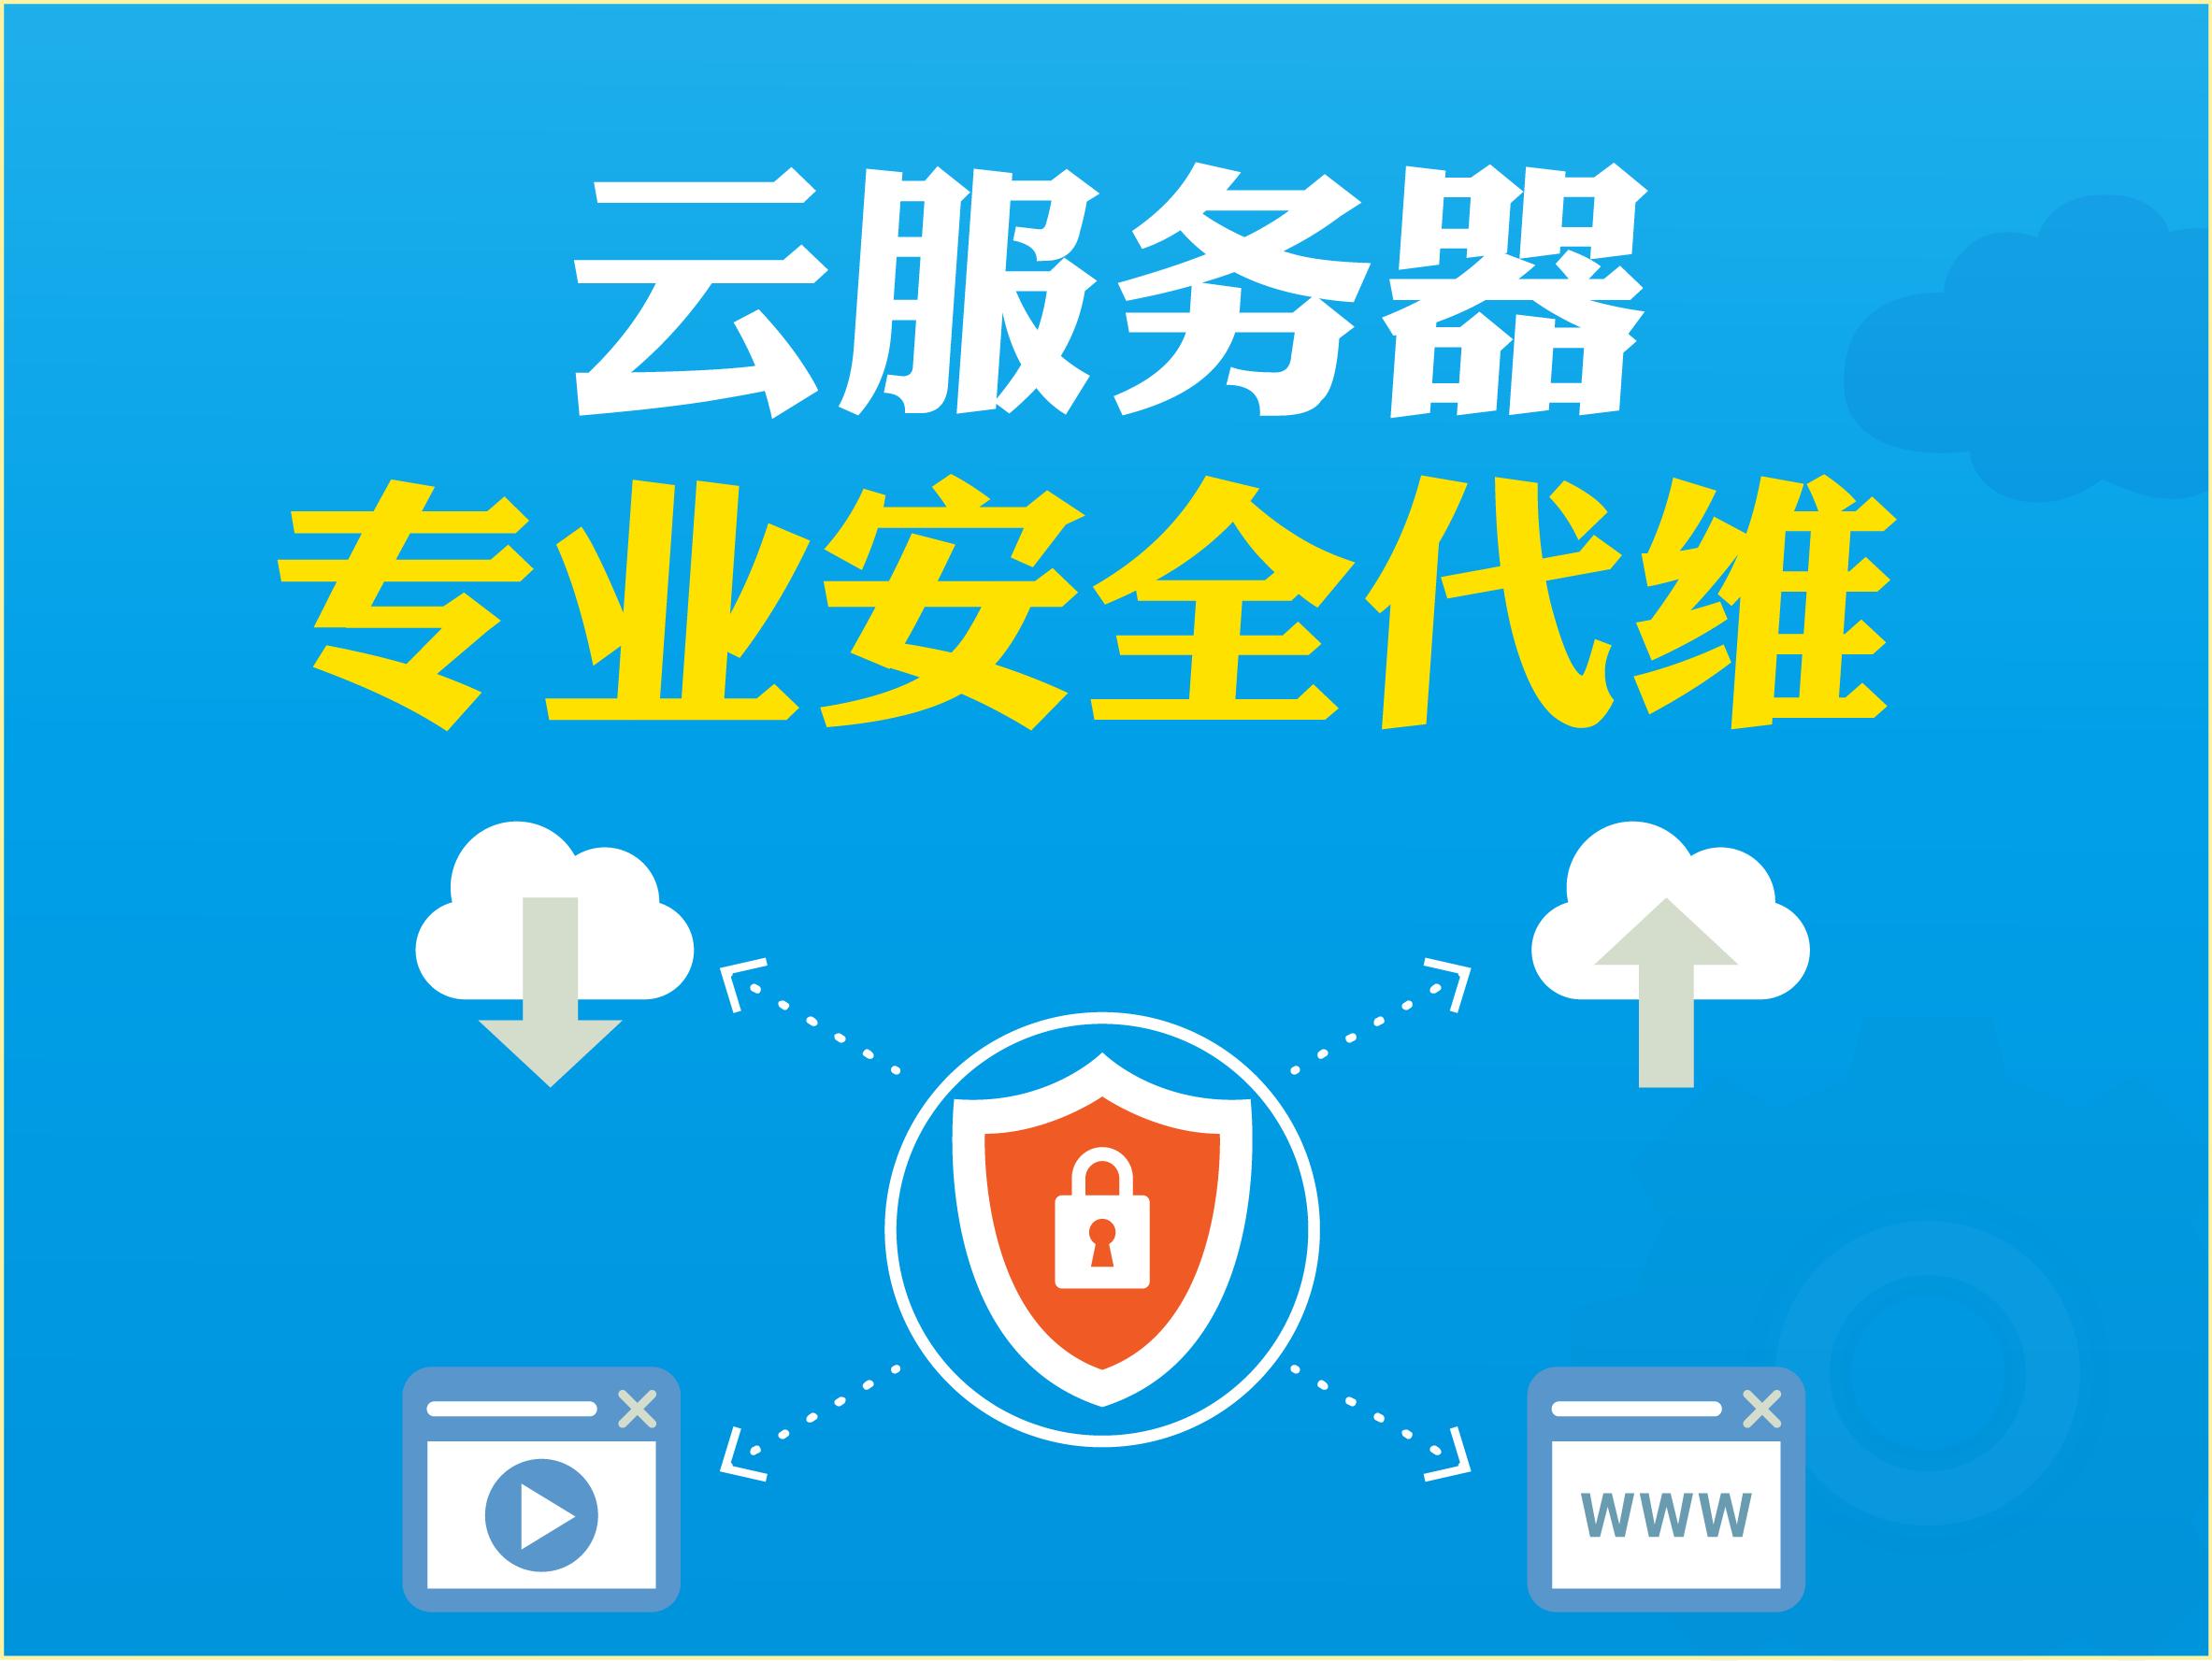 云服务器代维 服务器运维 安全维护 app维护 云服务器代维运维 服务器运维 服务器技术维护 阿里云代维 云主机代维